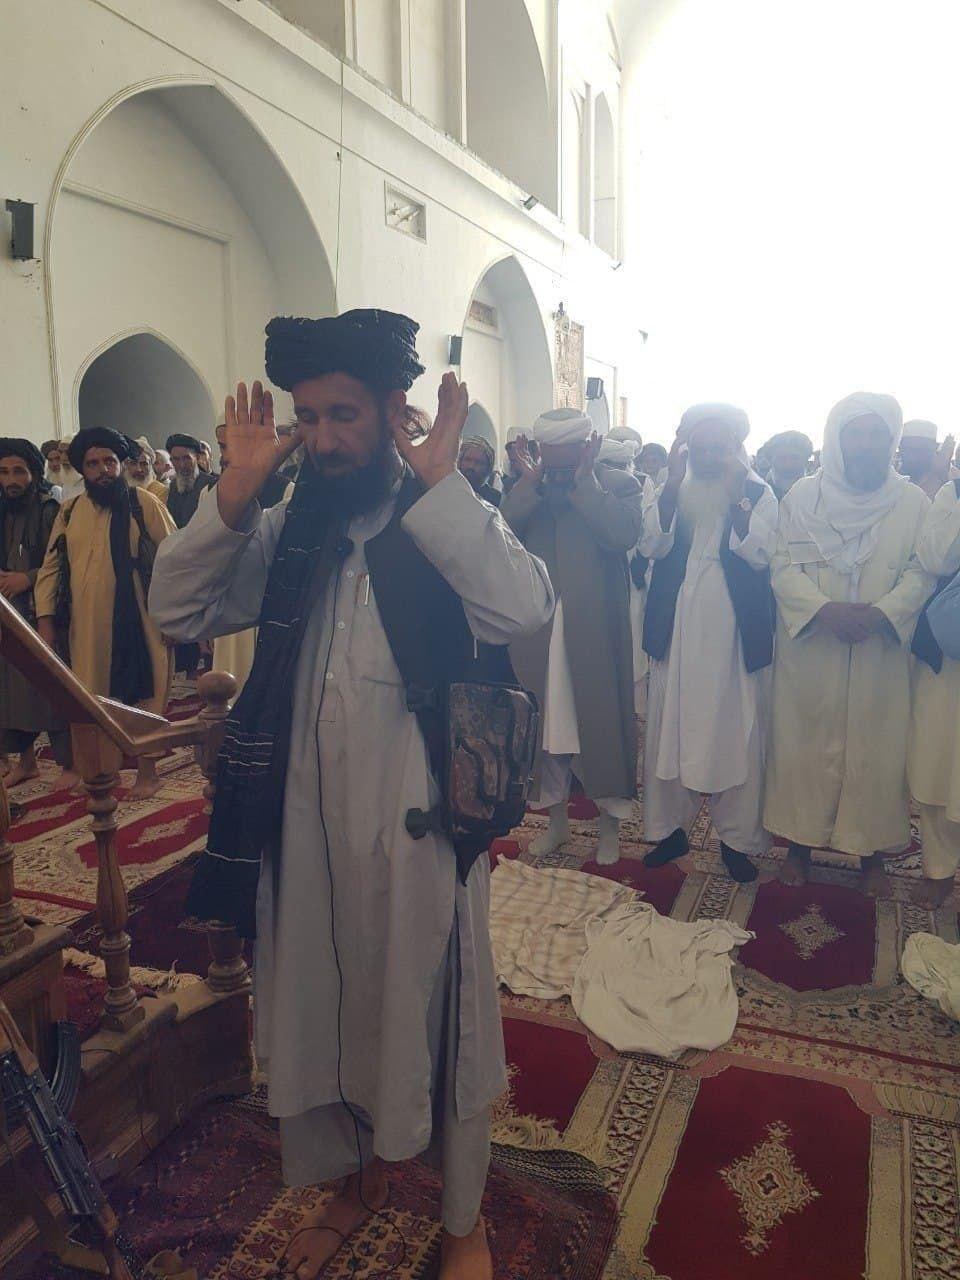 عکس/ اولین نمازجمعه طالبان در مسجد بزرگ هرات افغانستان